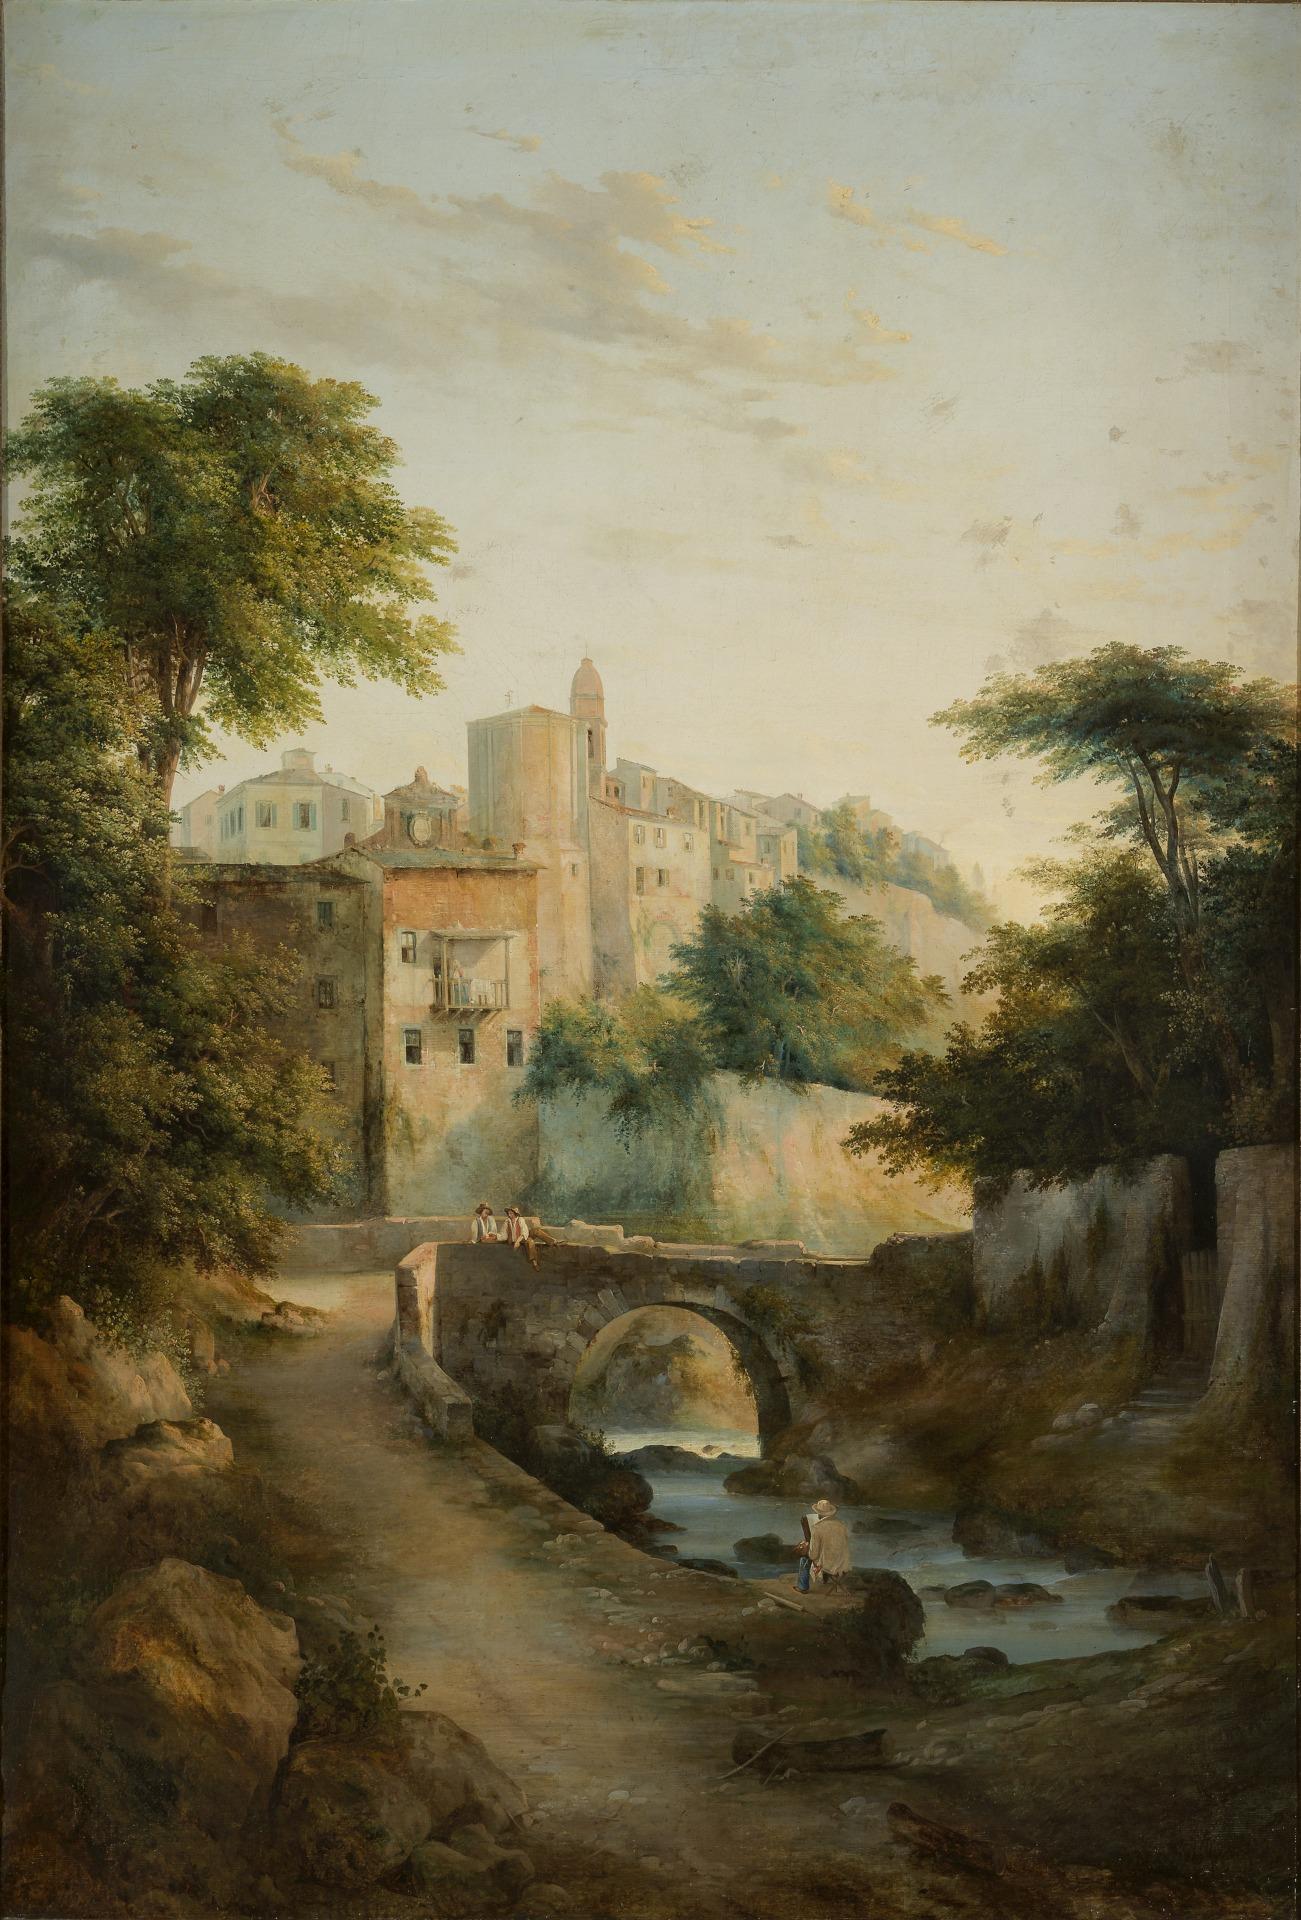 Antonio Fontanesi, Ponte sul torrente (1845-1847 circa; olio su tela, 180 x 118 cm; Reggio Emilia, Collezione Fondazione Manodori)